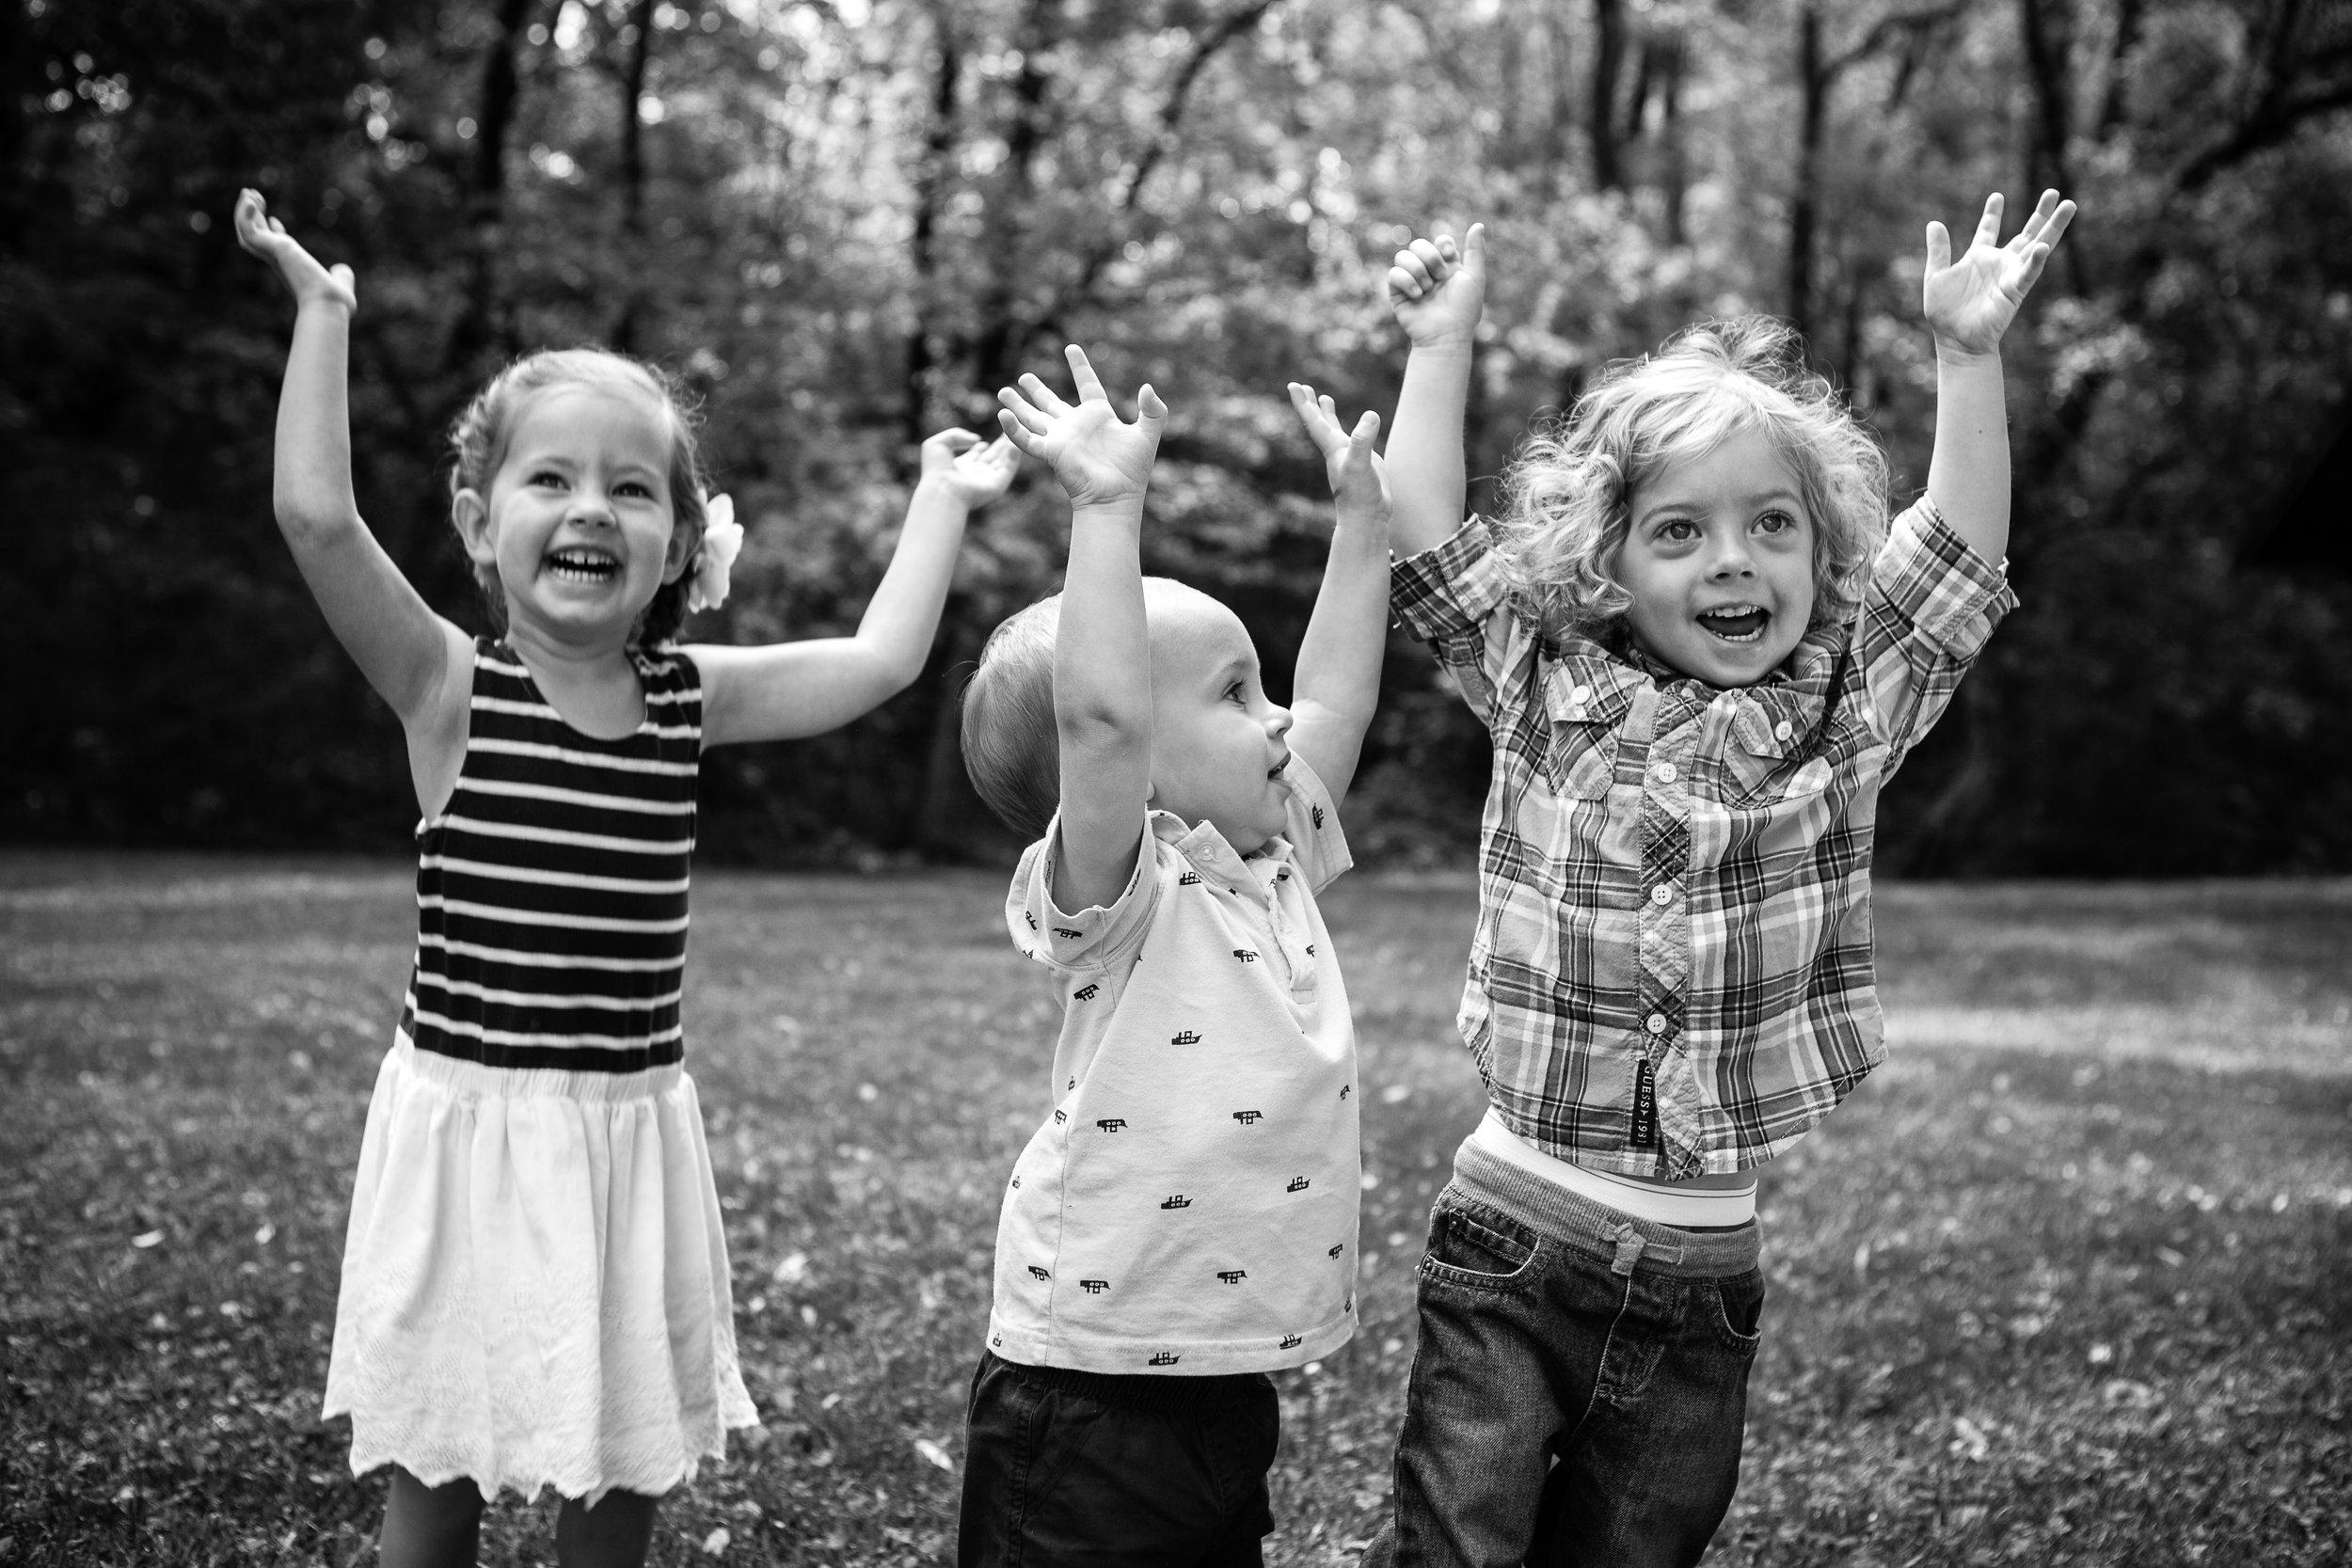 chattanooga-children-family-senior-portrait-photographer-5.jpg